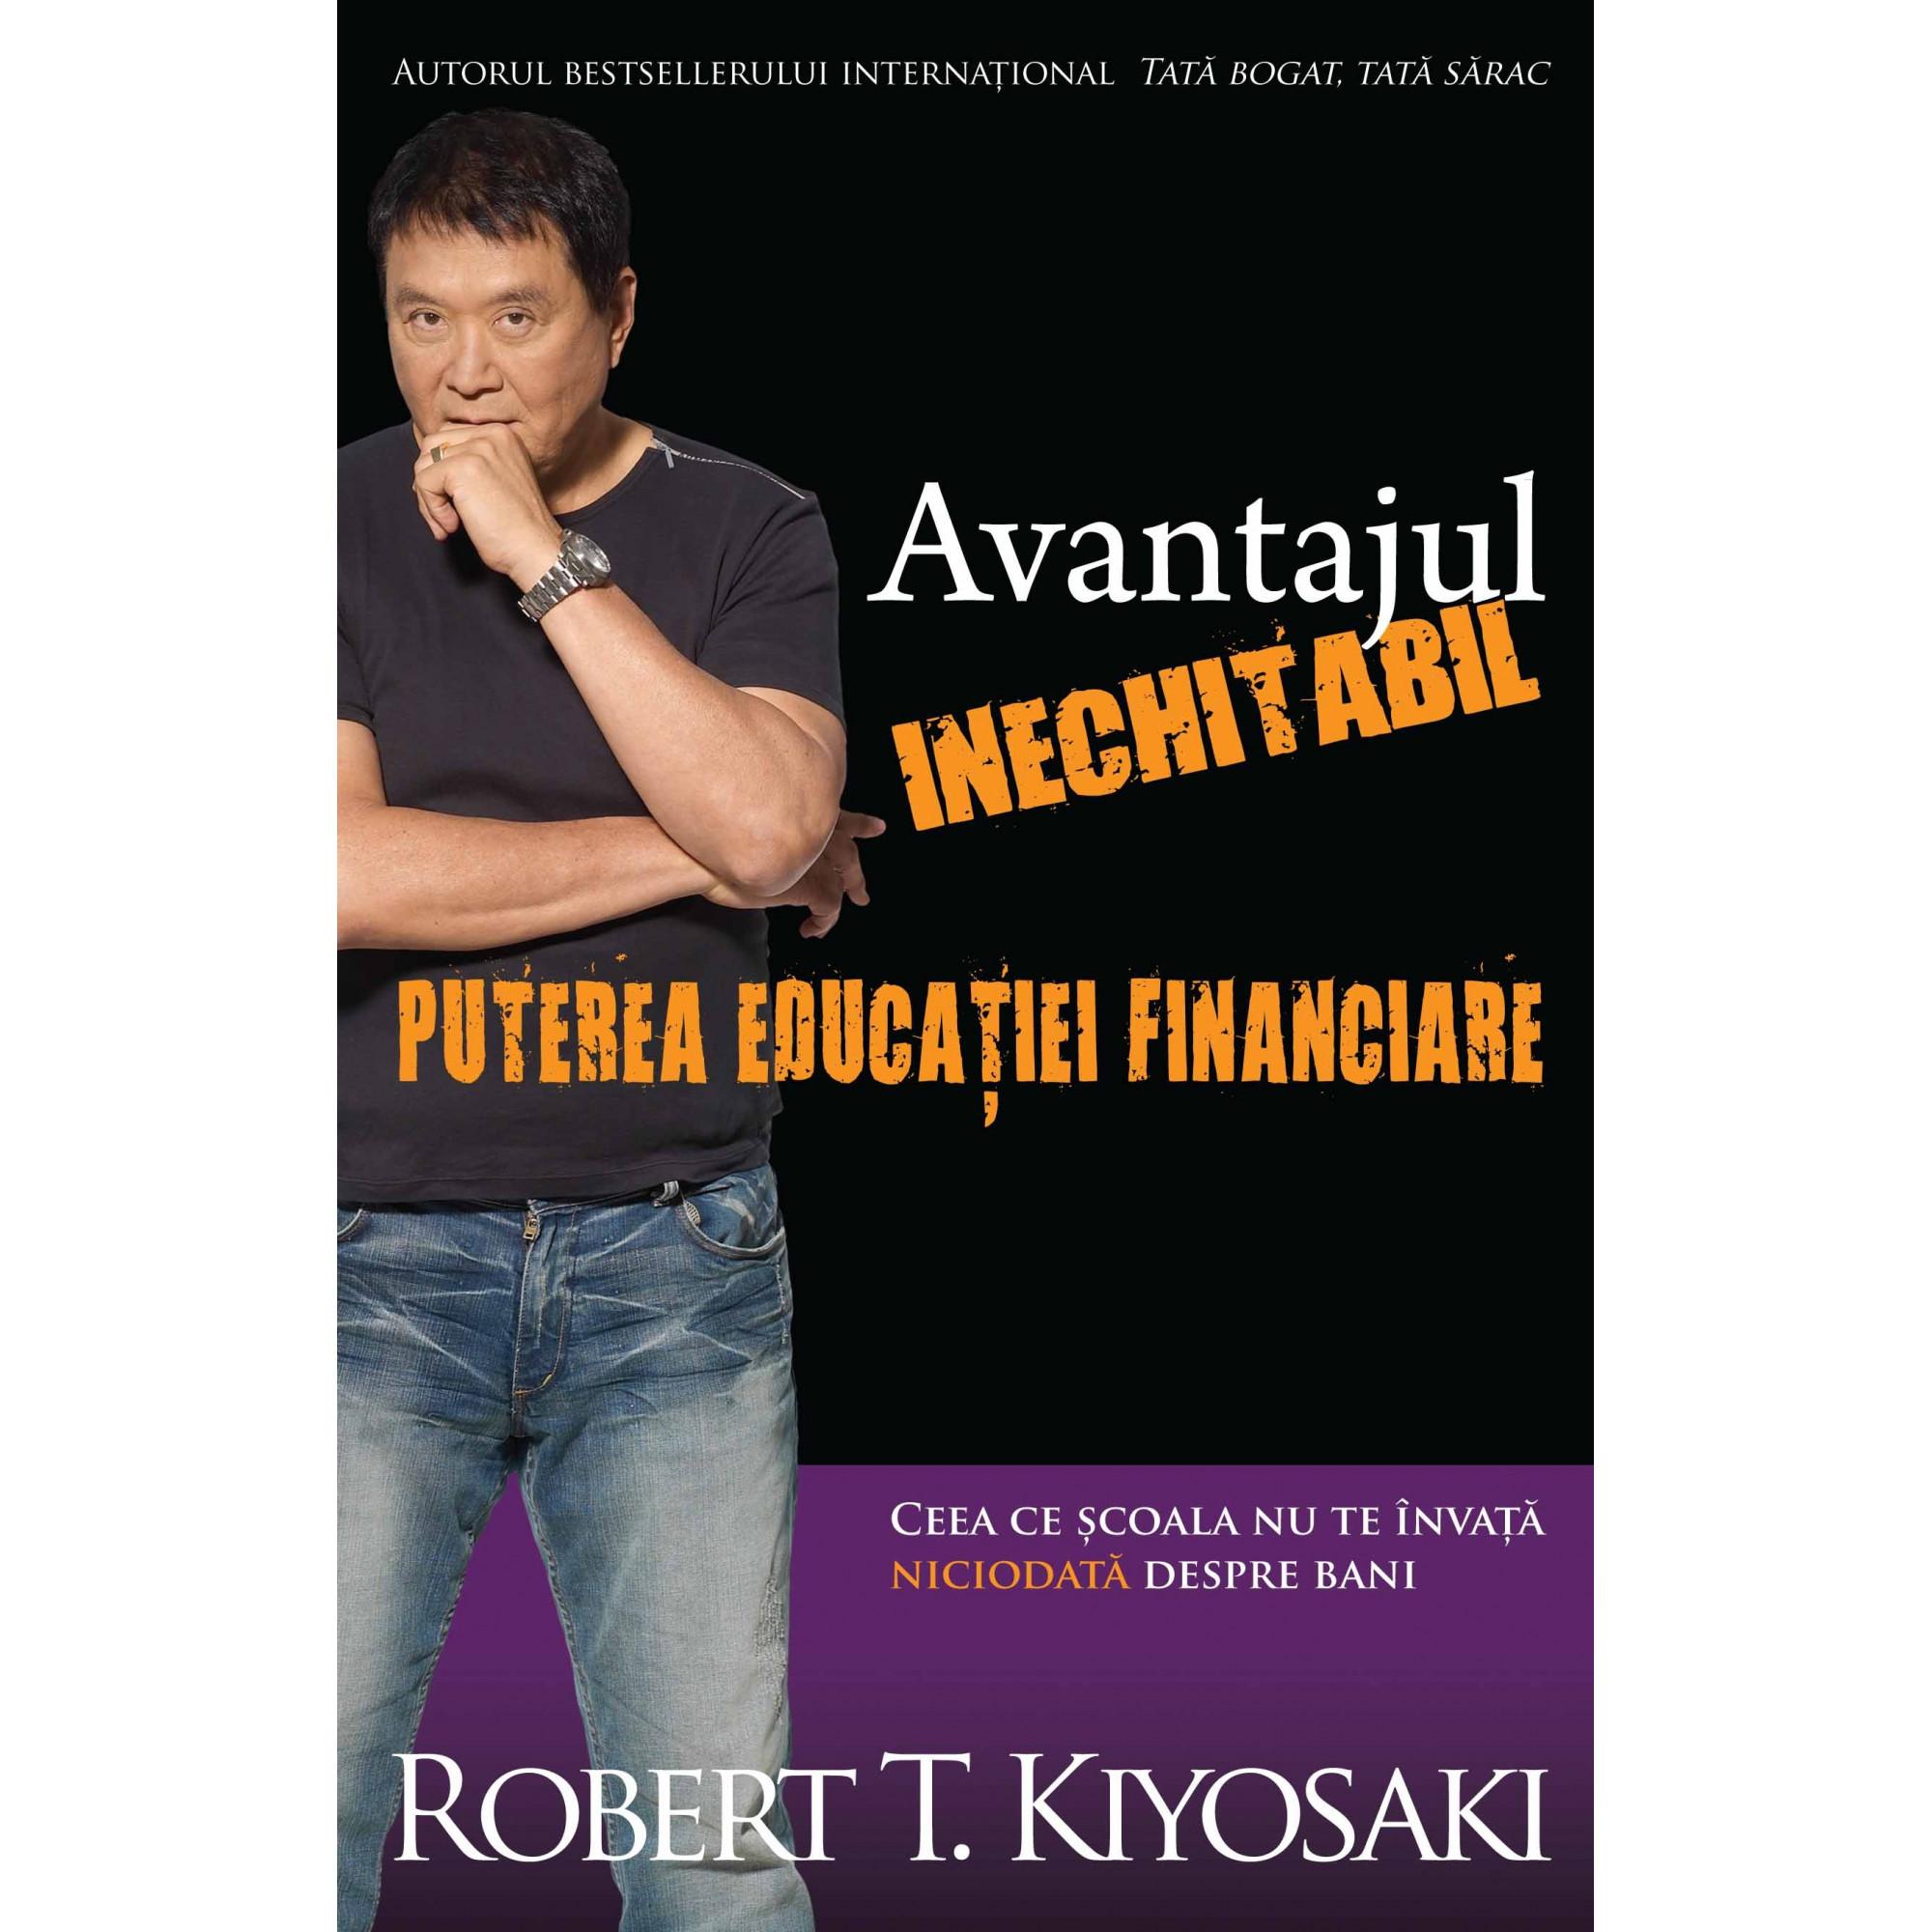 Avantajul inechitabil. Puterea educației financiare; Robert T. Kiyosaki